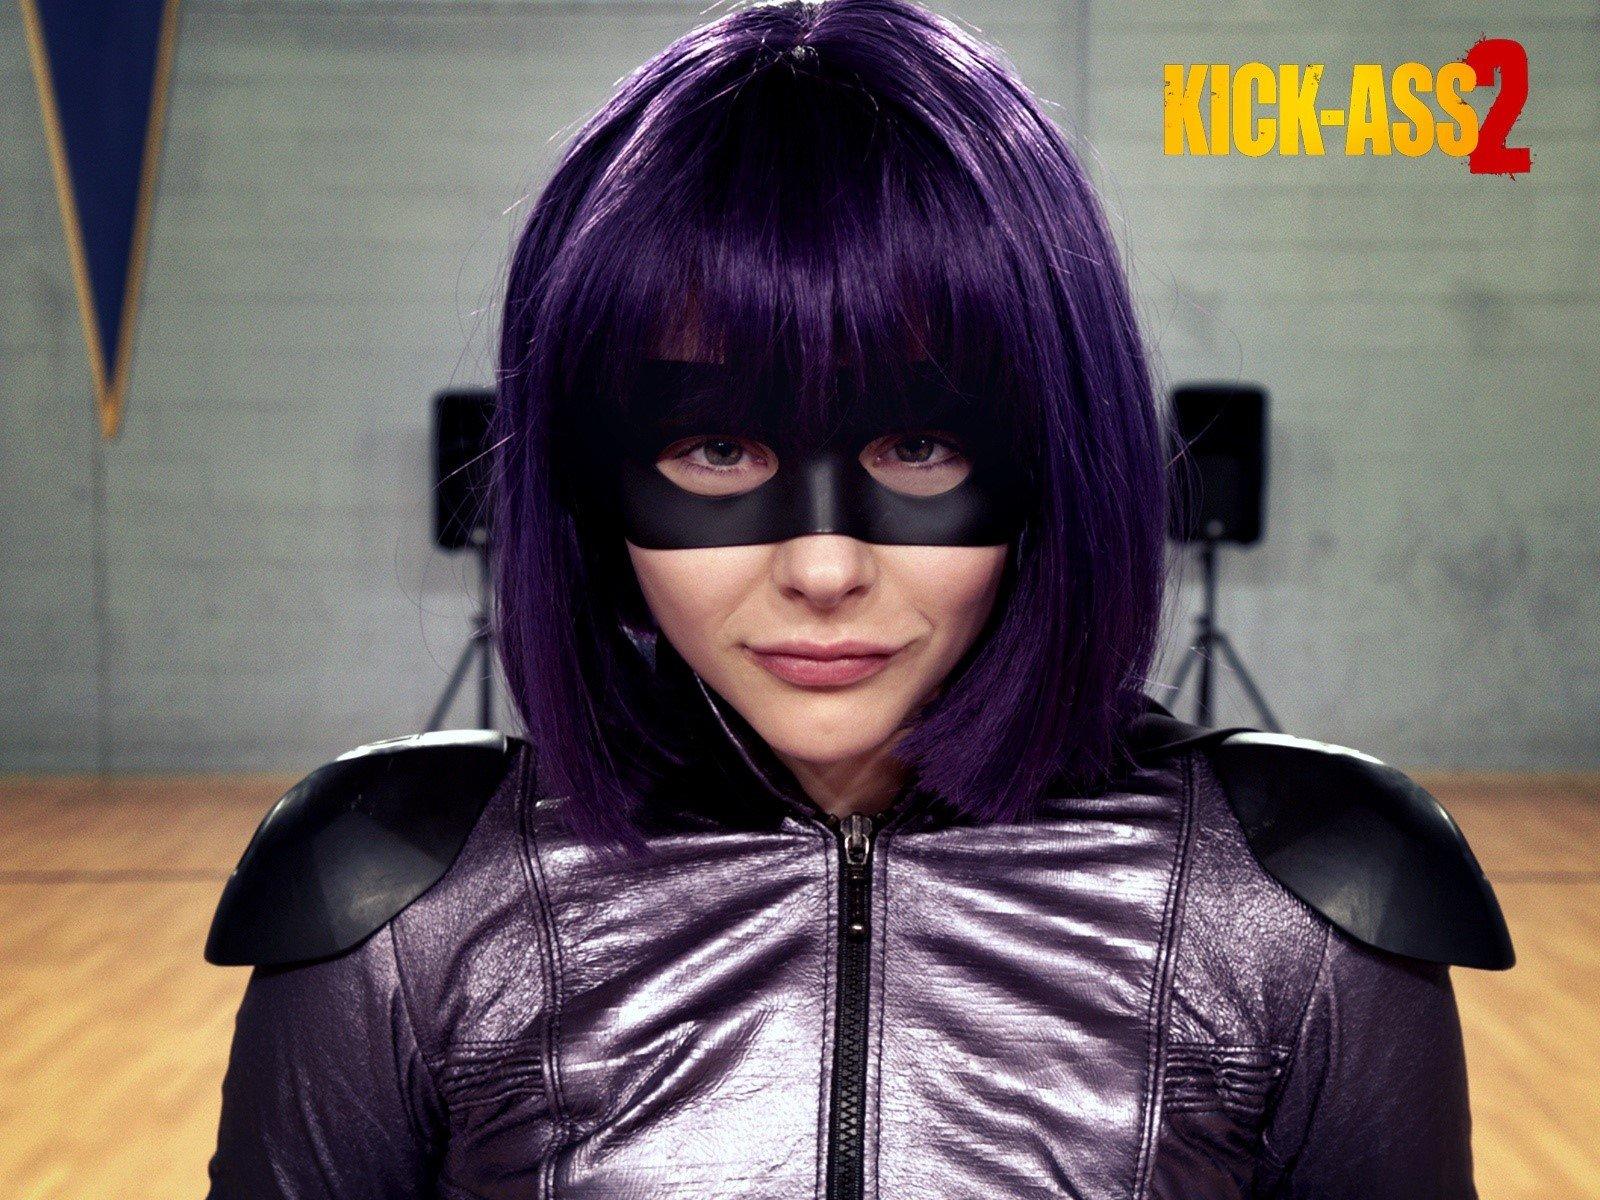 Fondos de pantalla Chloe Moretz como Hit Girl en Kick ass 2